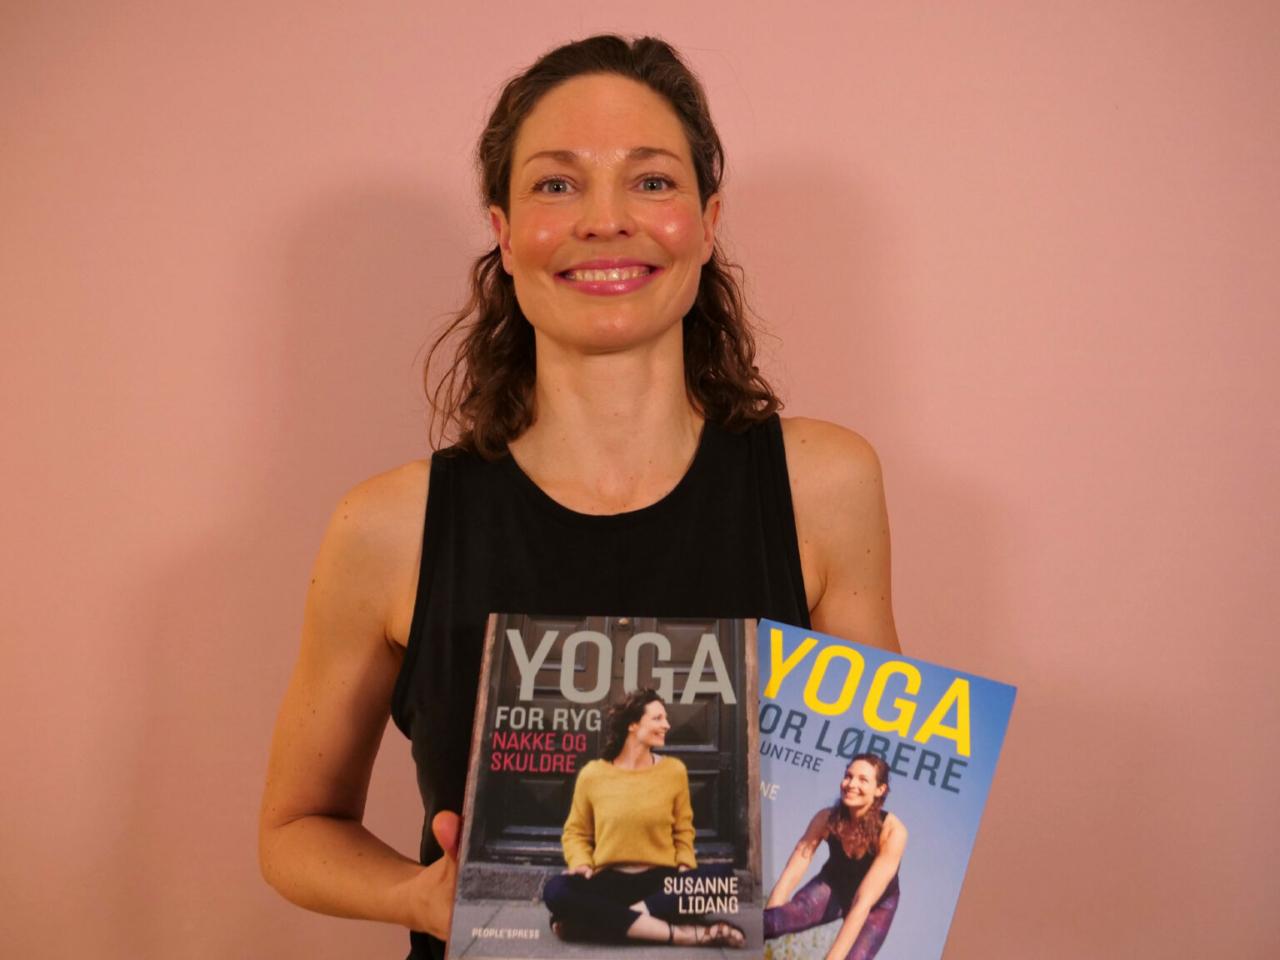 Susanne Lidang - yoga for løbere til Storydays